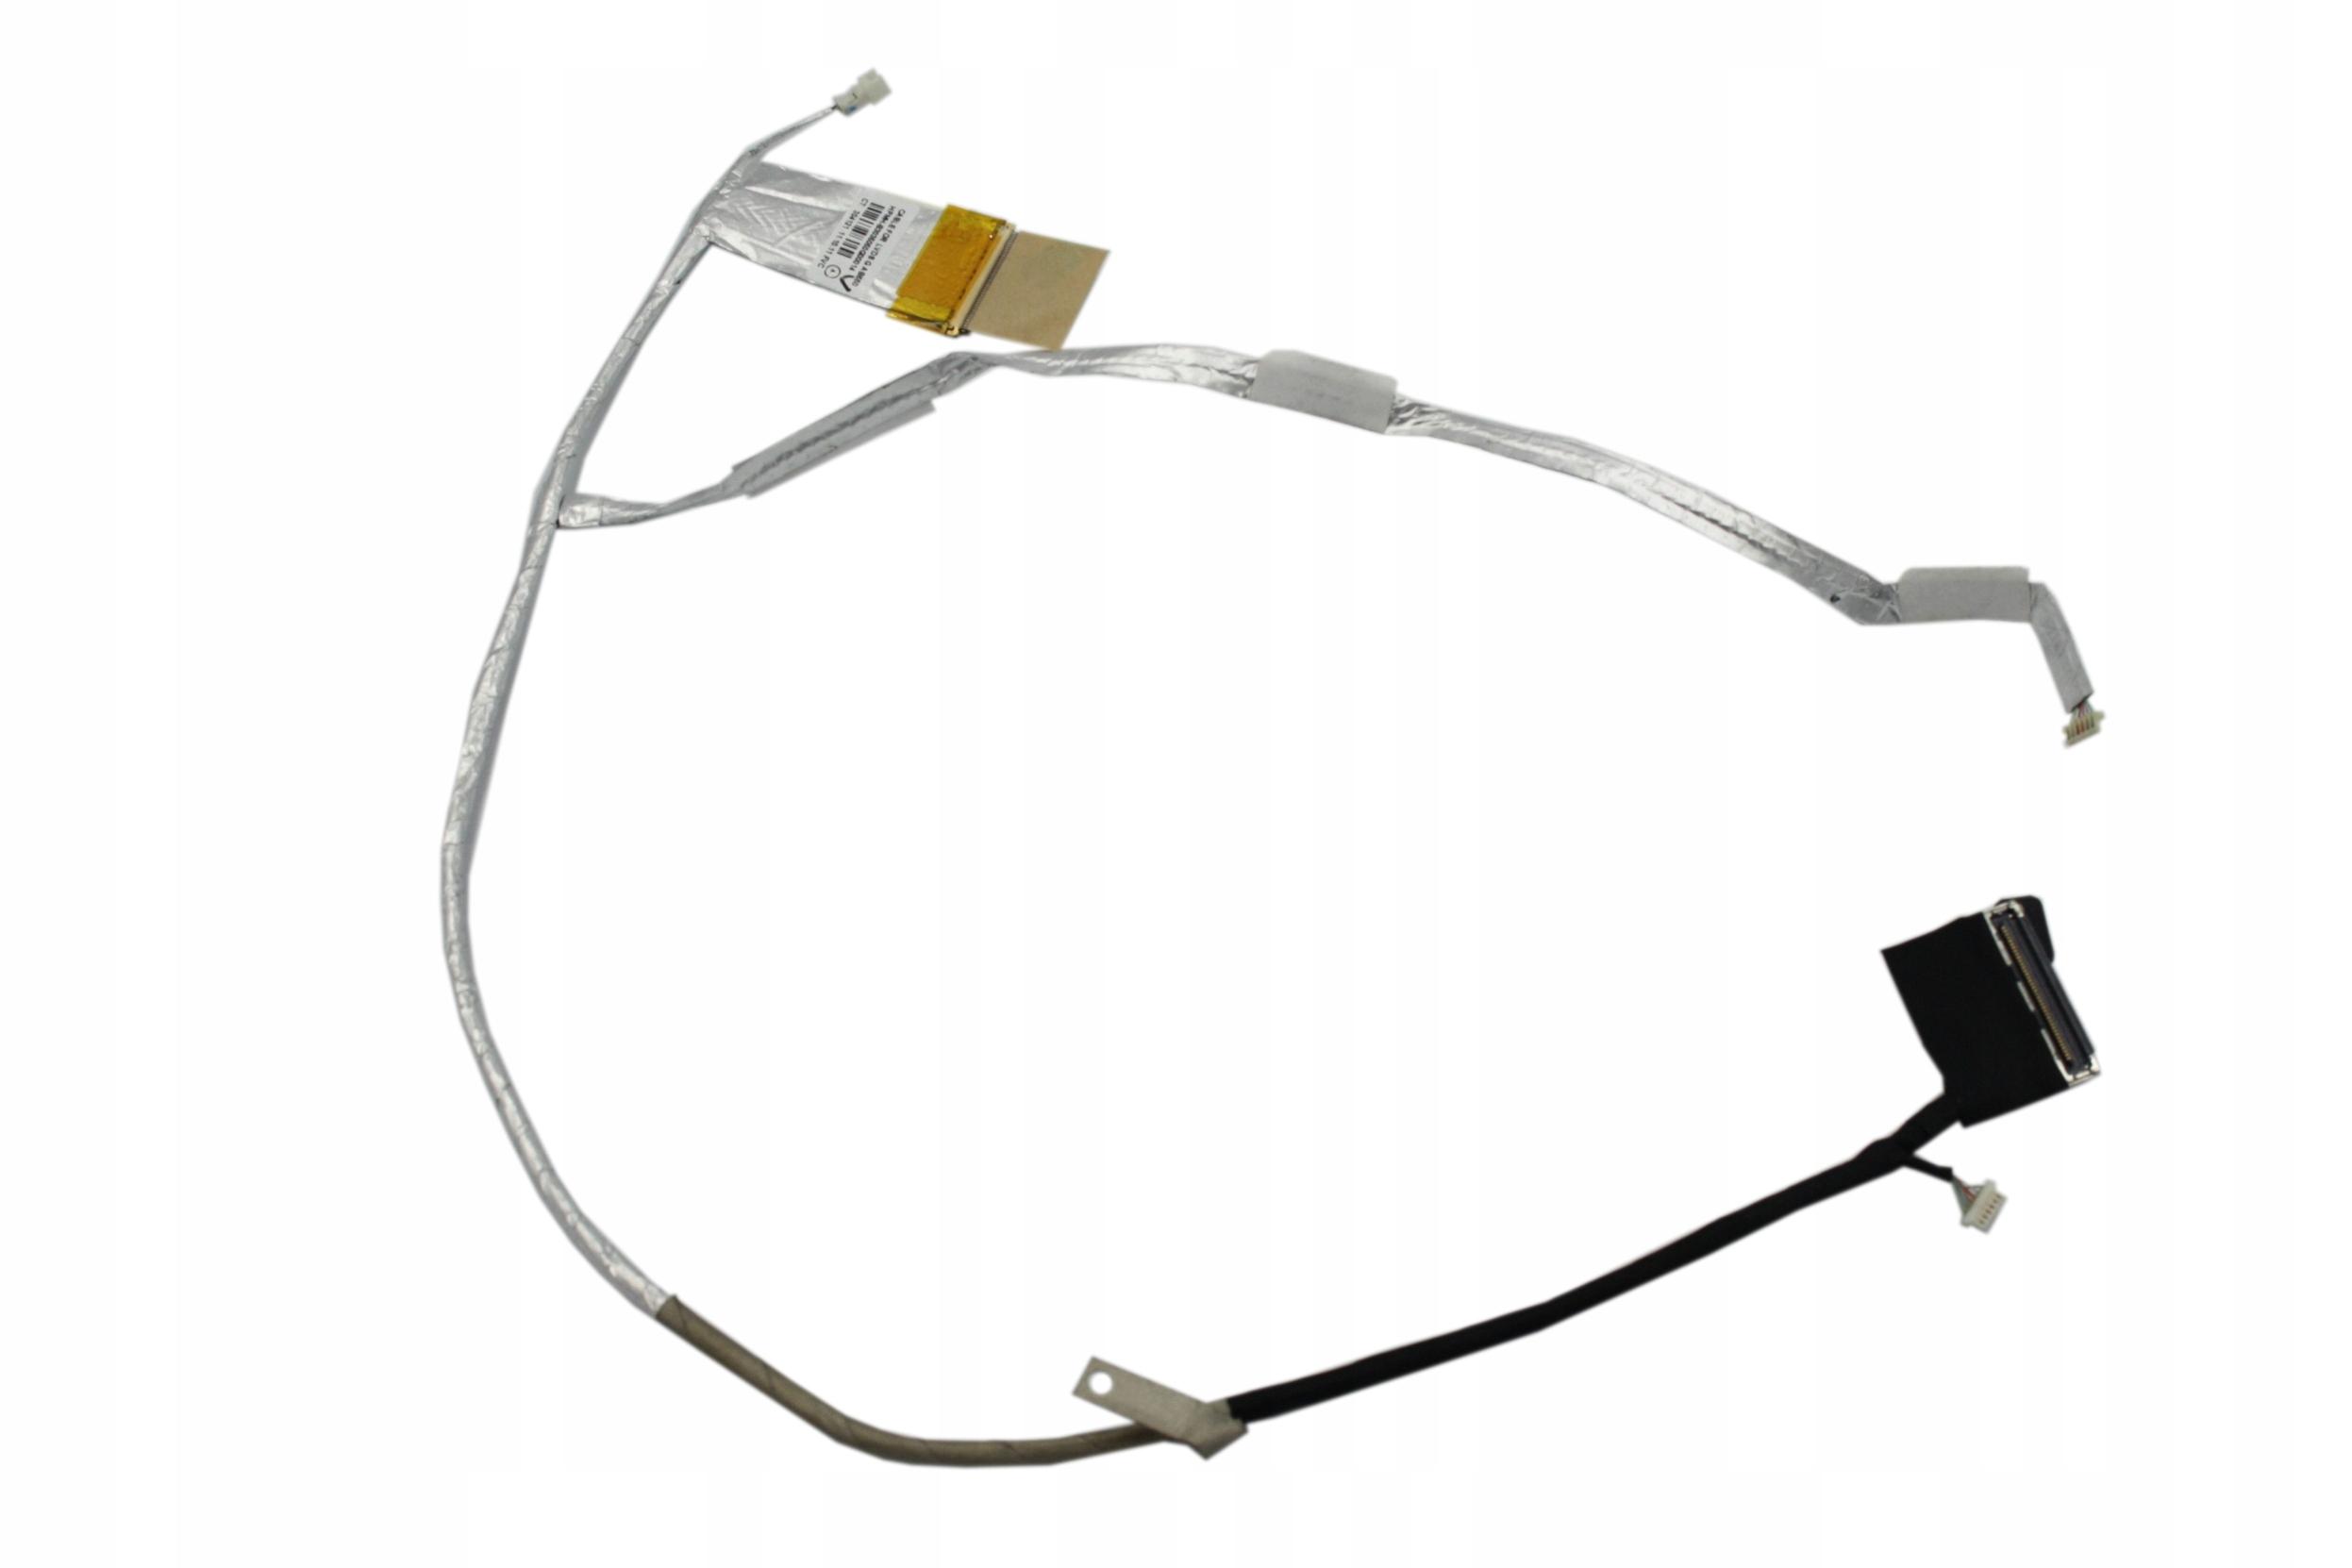 TAŚMA LCD MATRYCY HP PAVILION DV6-6000 DV6-6100 - Taśmy i inwertery